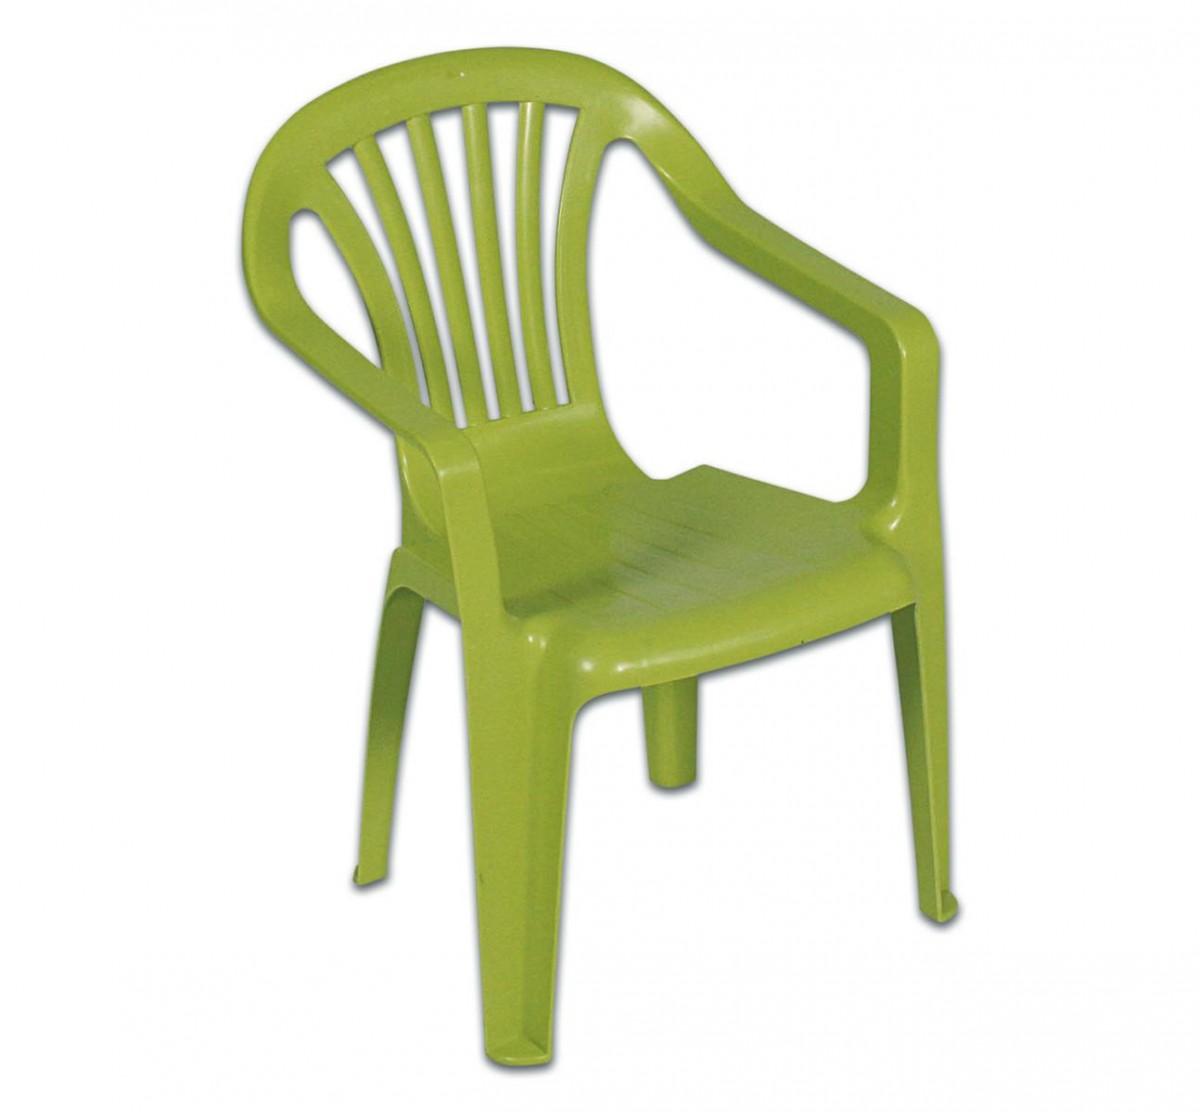 kinderstapelsessel versch farben ausw hlbar kinder. Black Bedroom Furniture Sets. Home Design Ideas